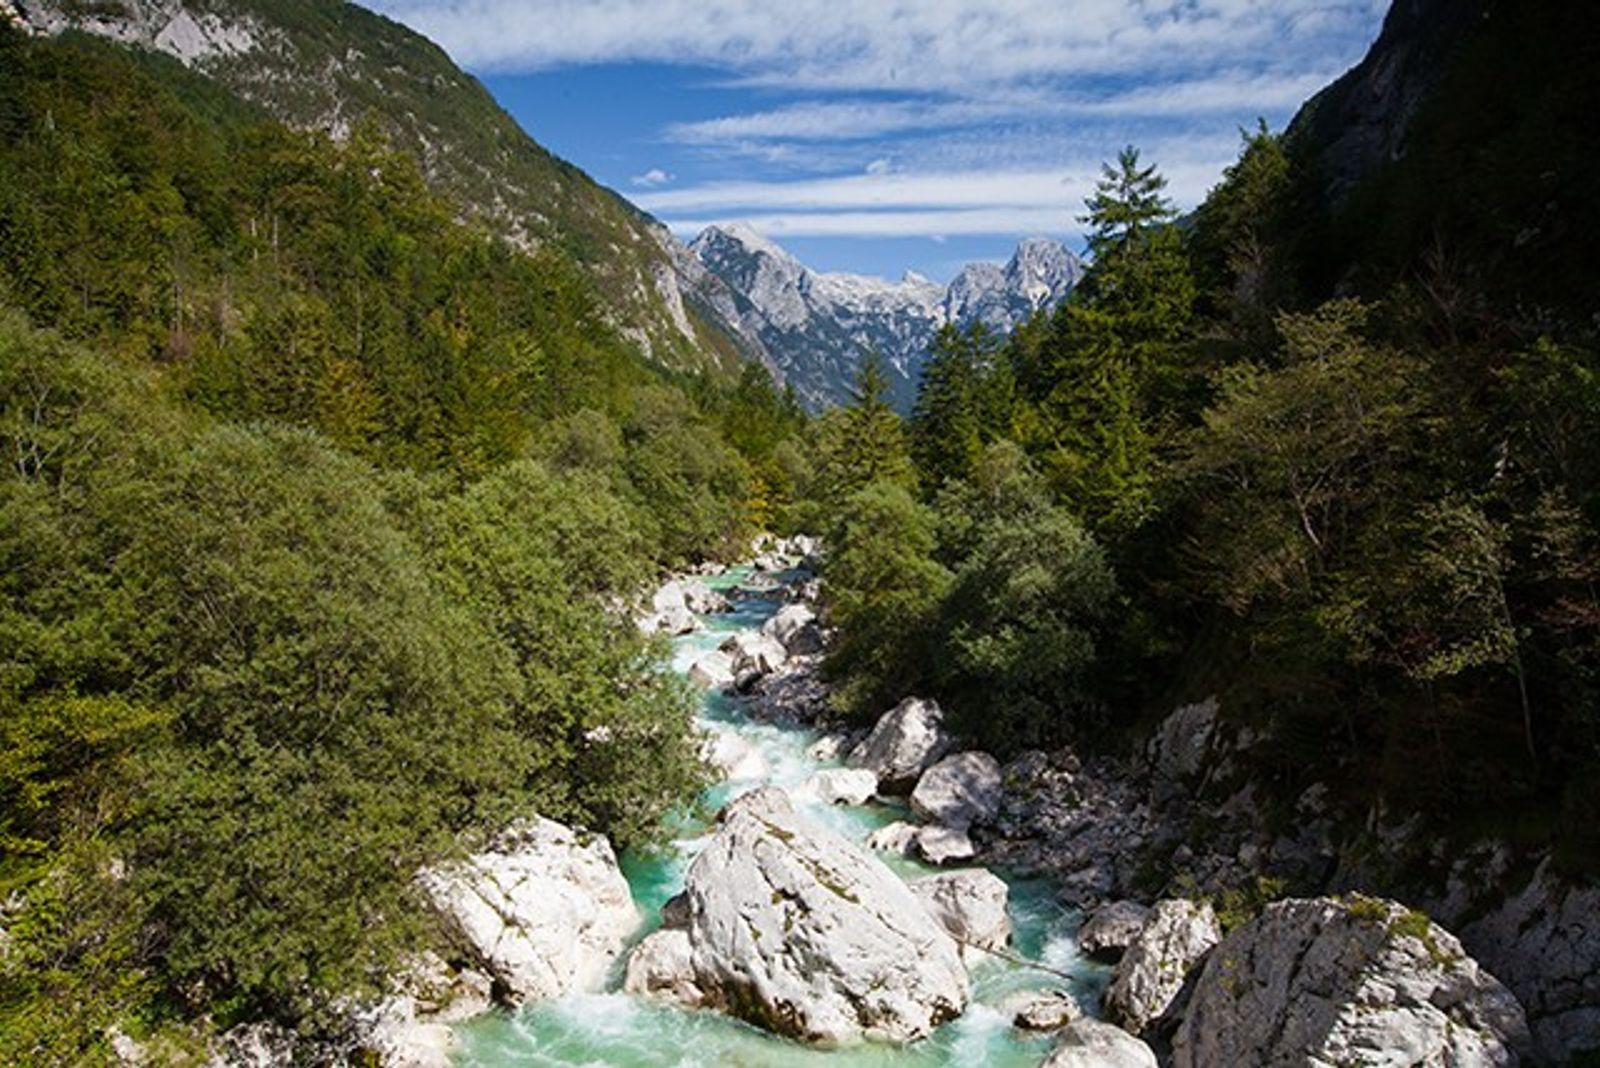 Slovenia: Paradise found